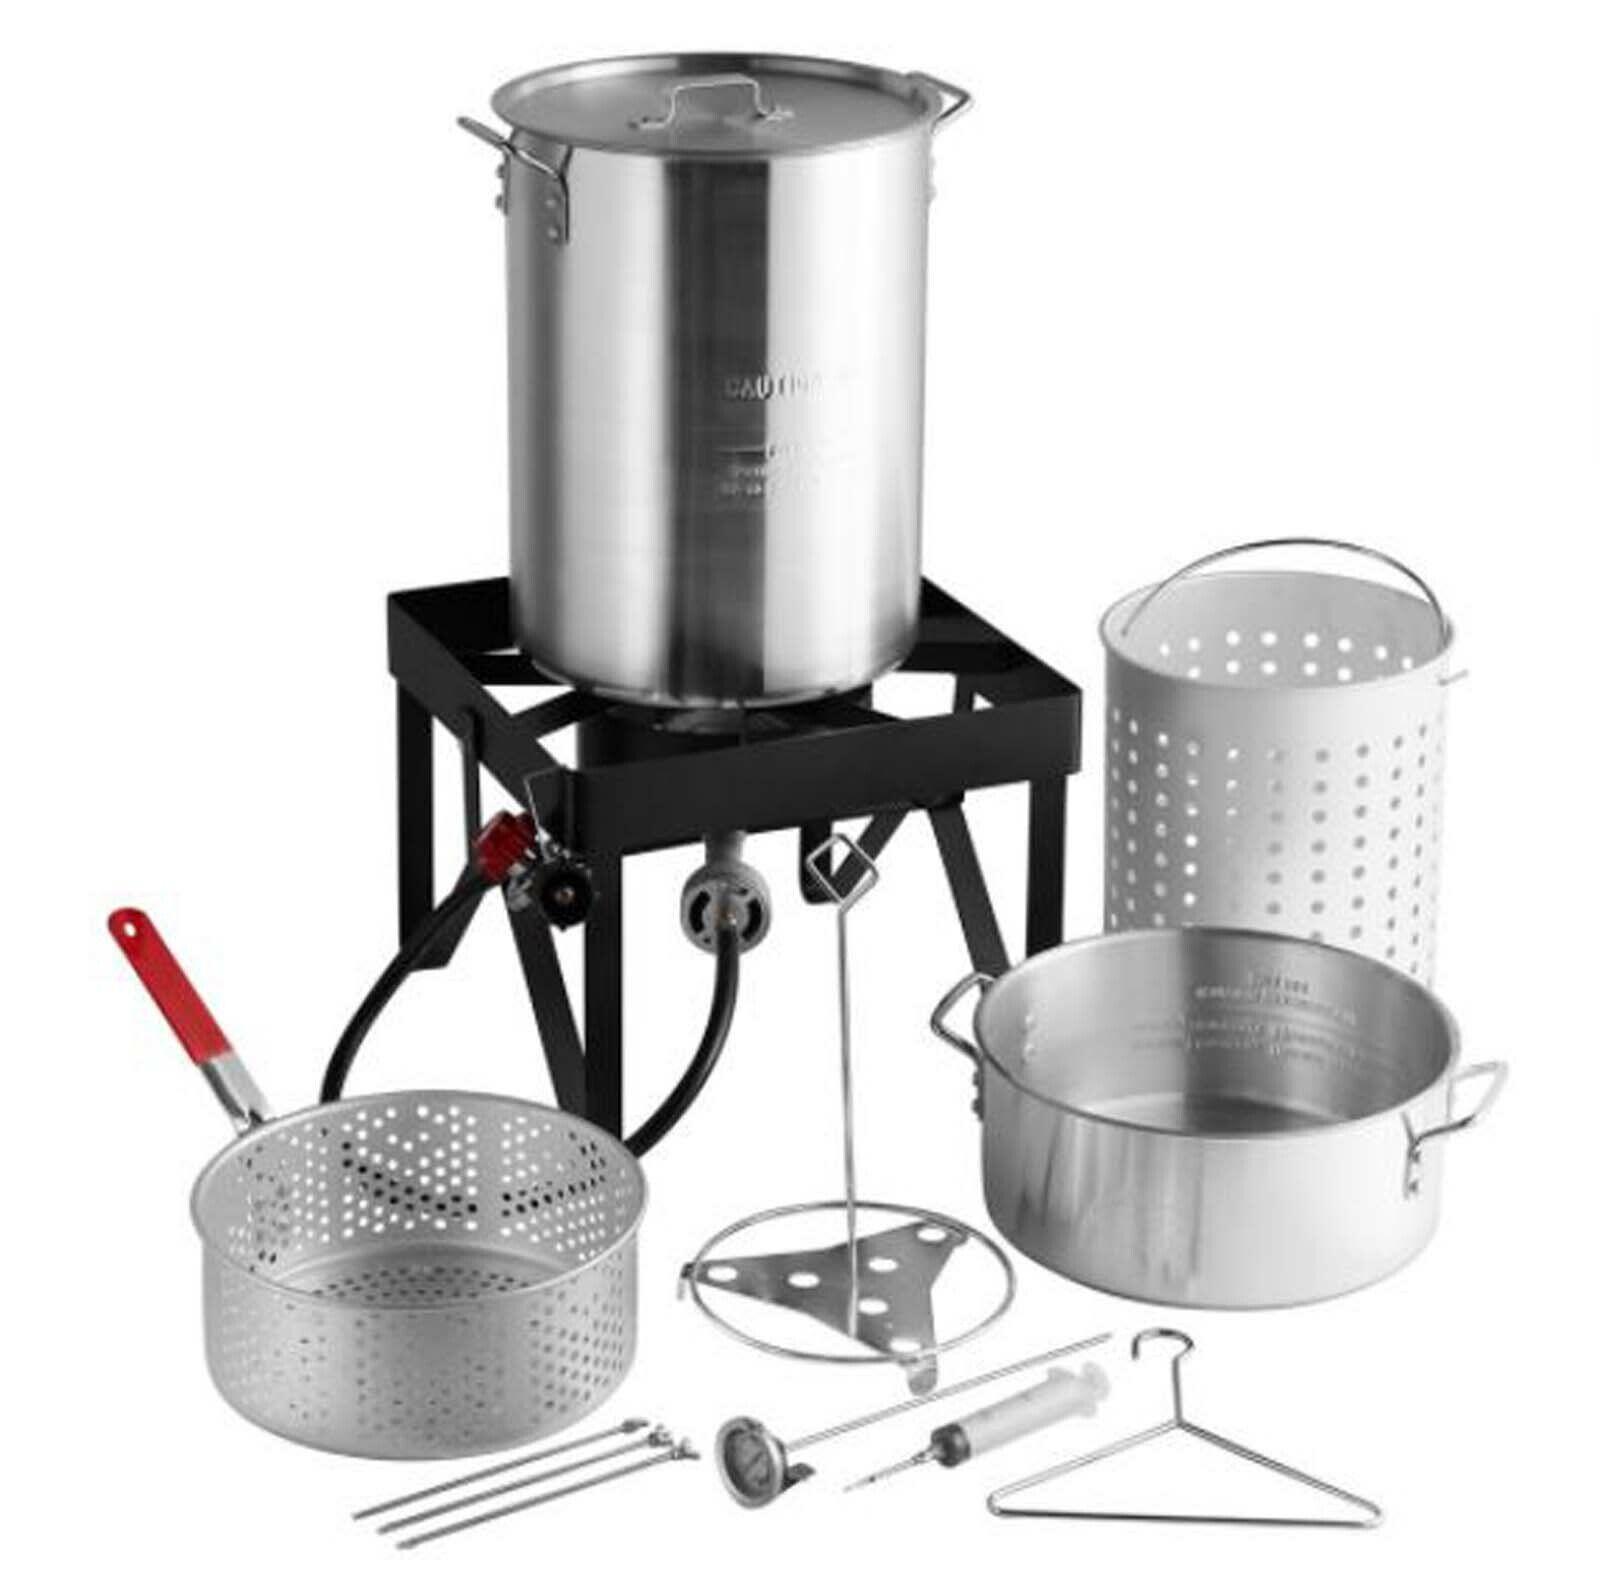 deluxe aluminum turkey fryer kit